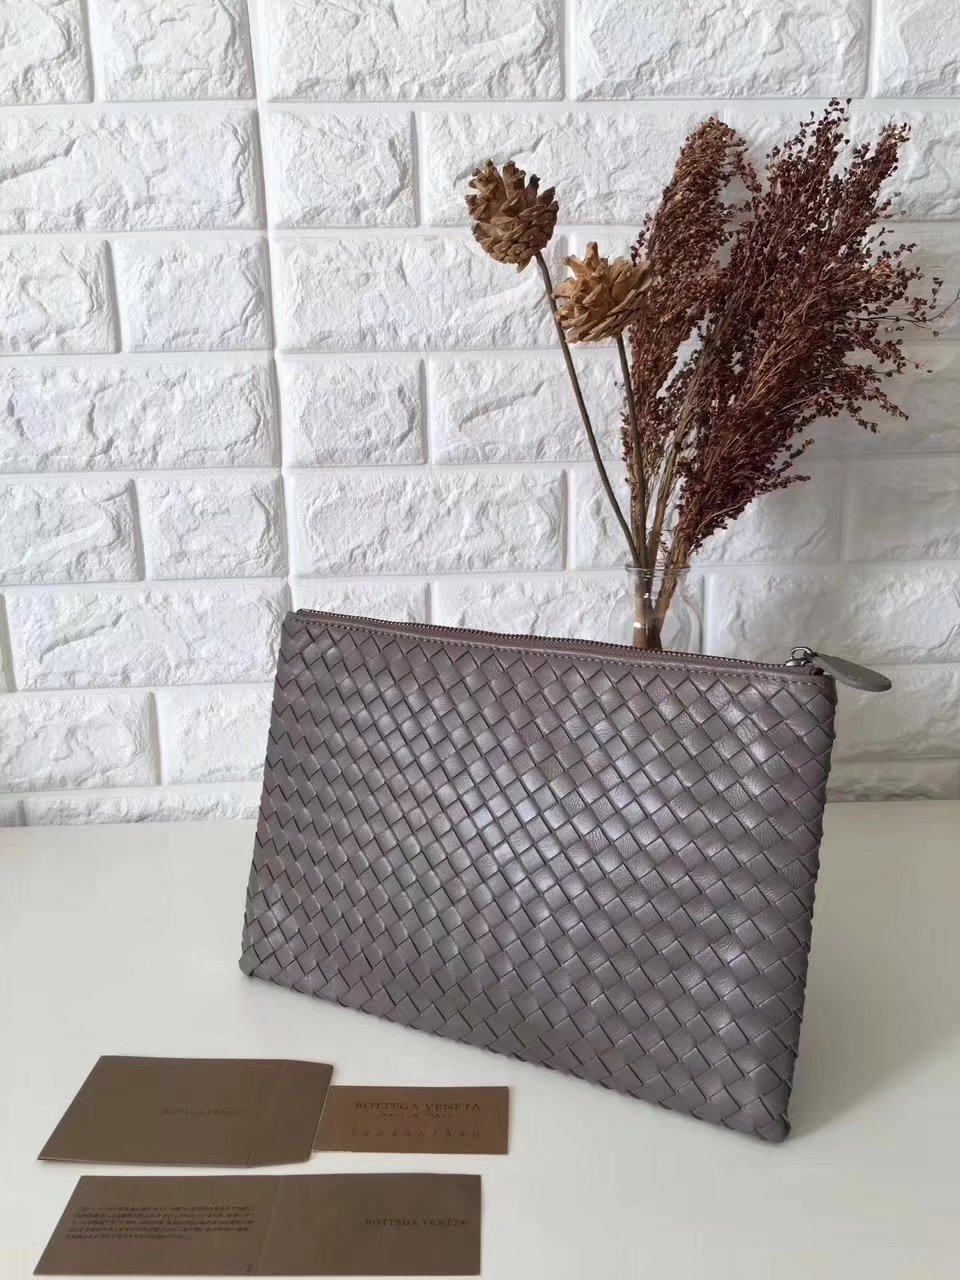 Bottega Veneta Women Leather Clutch Chocolate